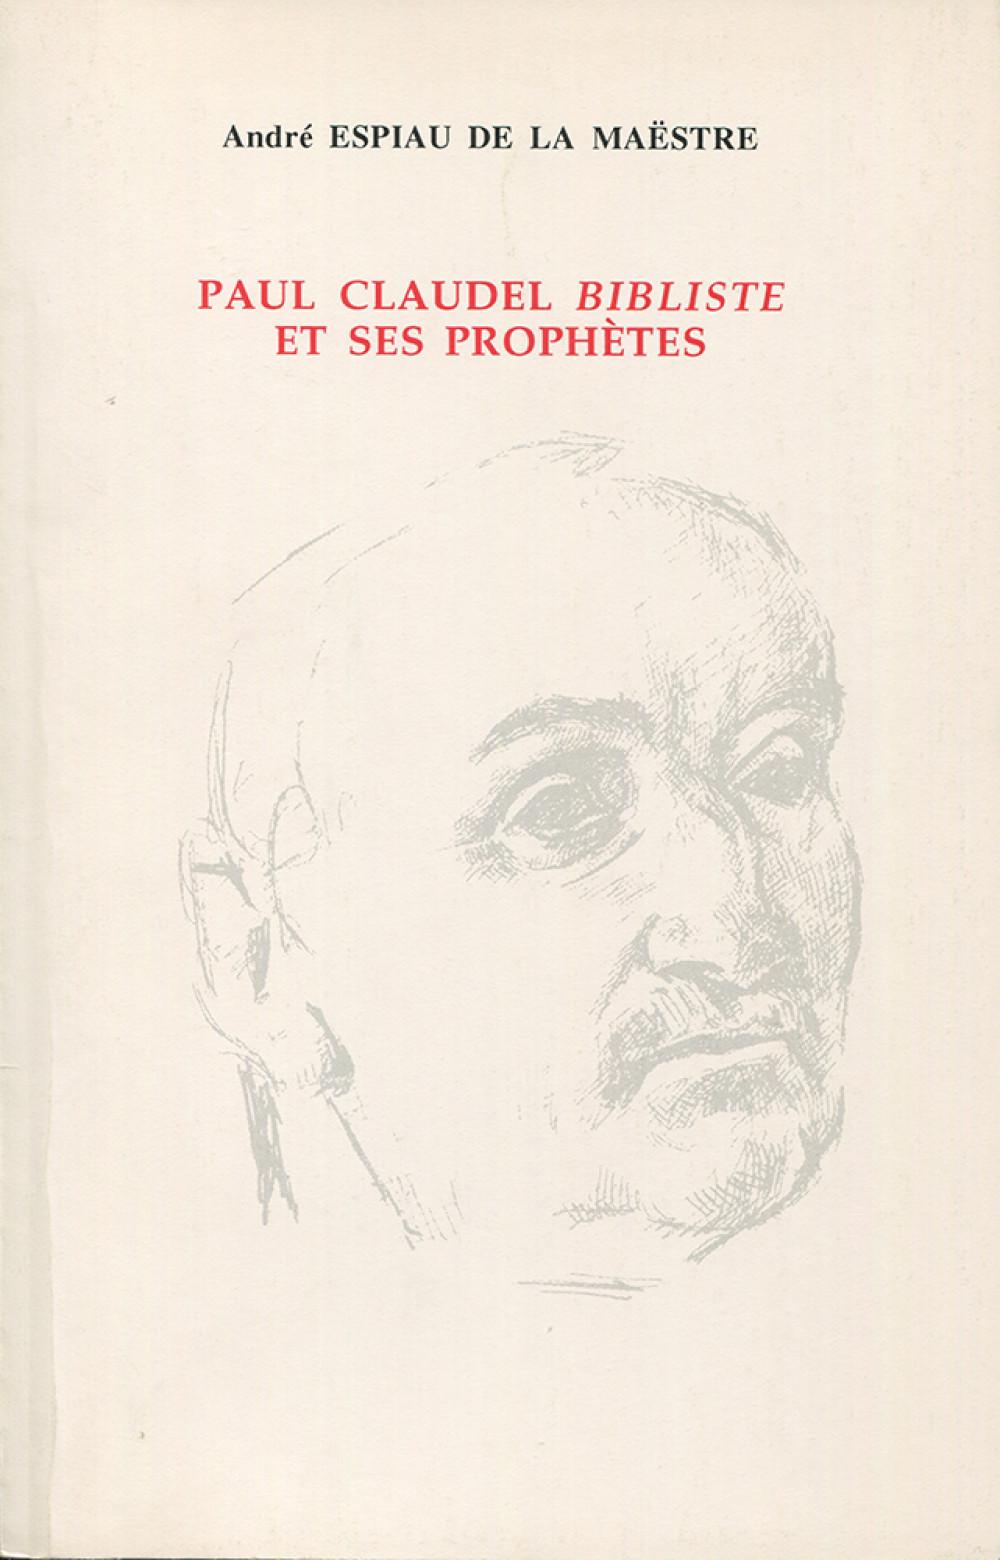 Paul Claudel <i>bibliste</i> et ses prophètes